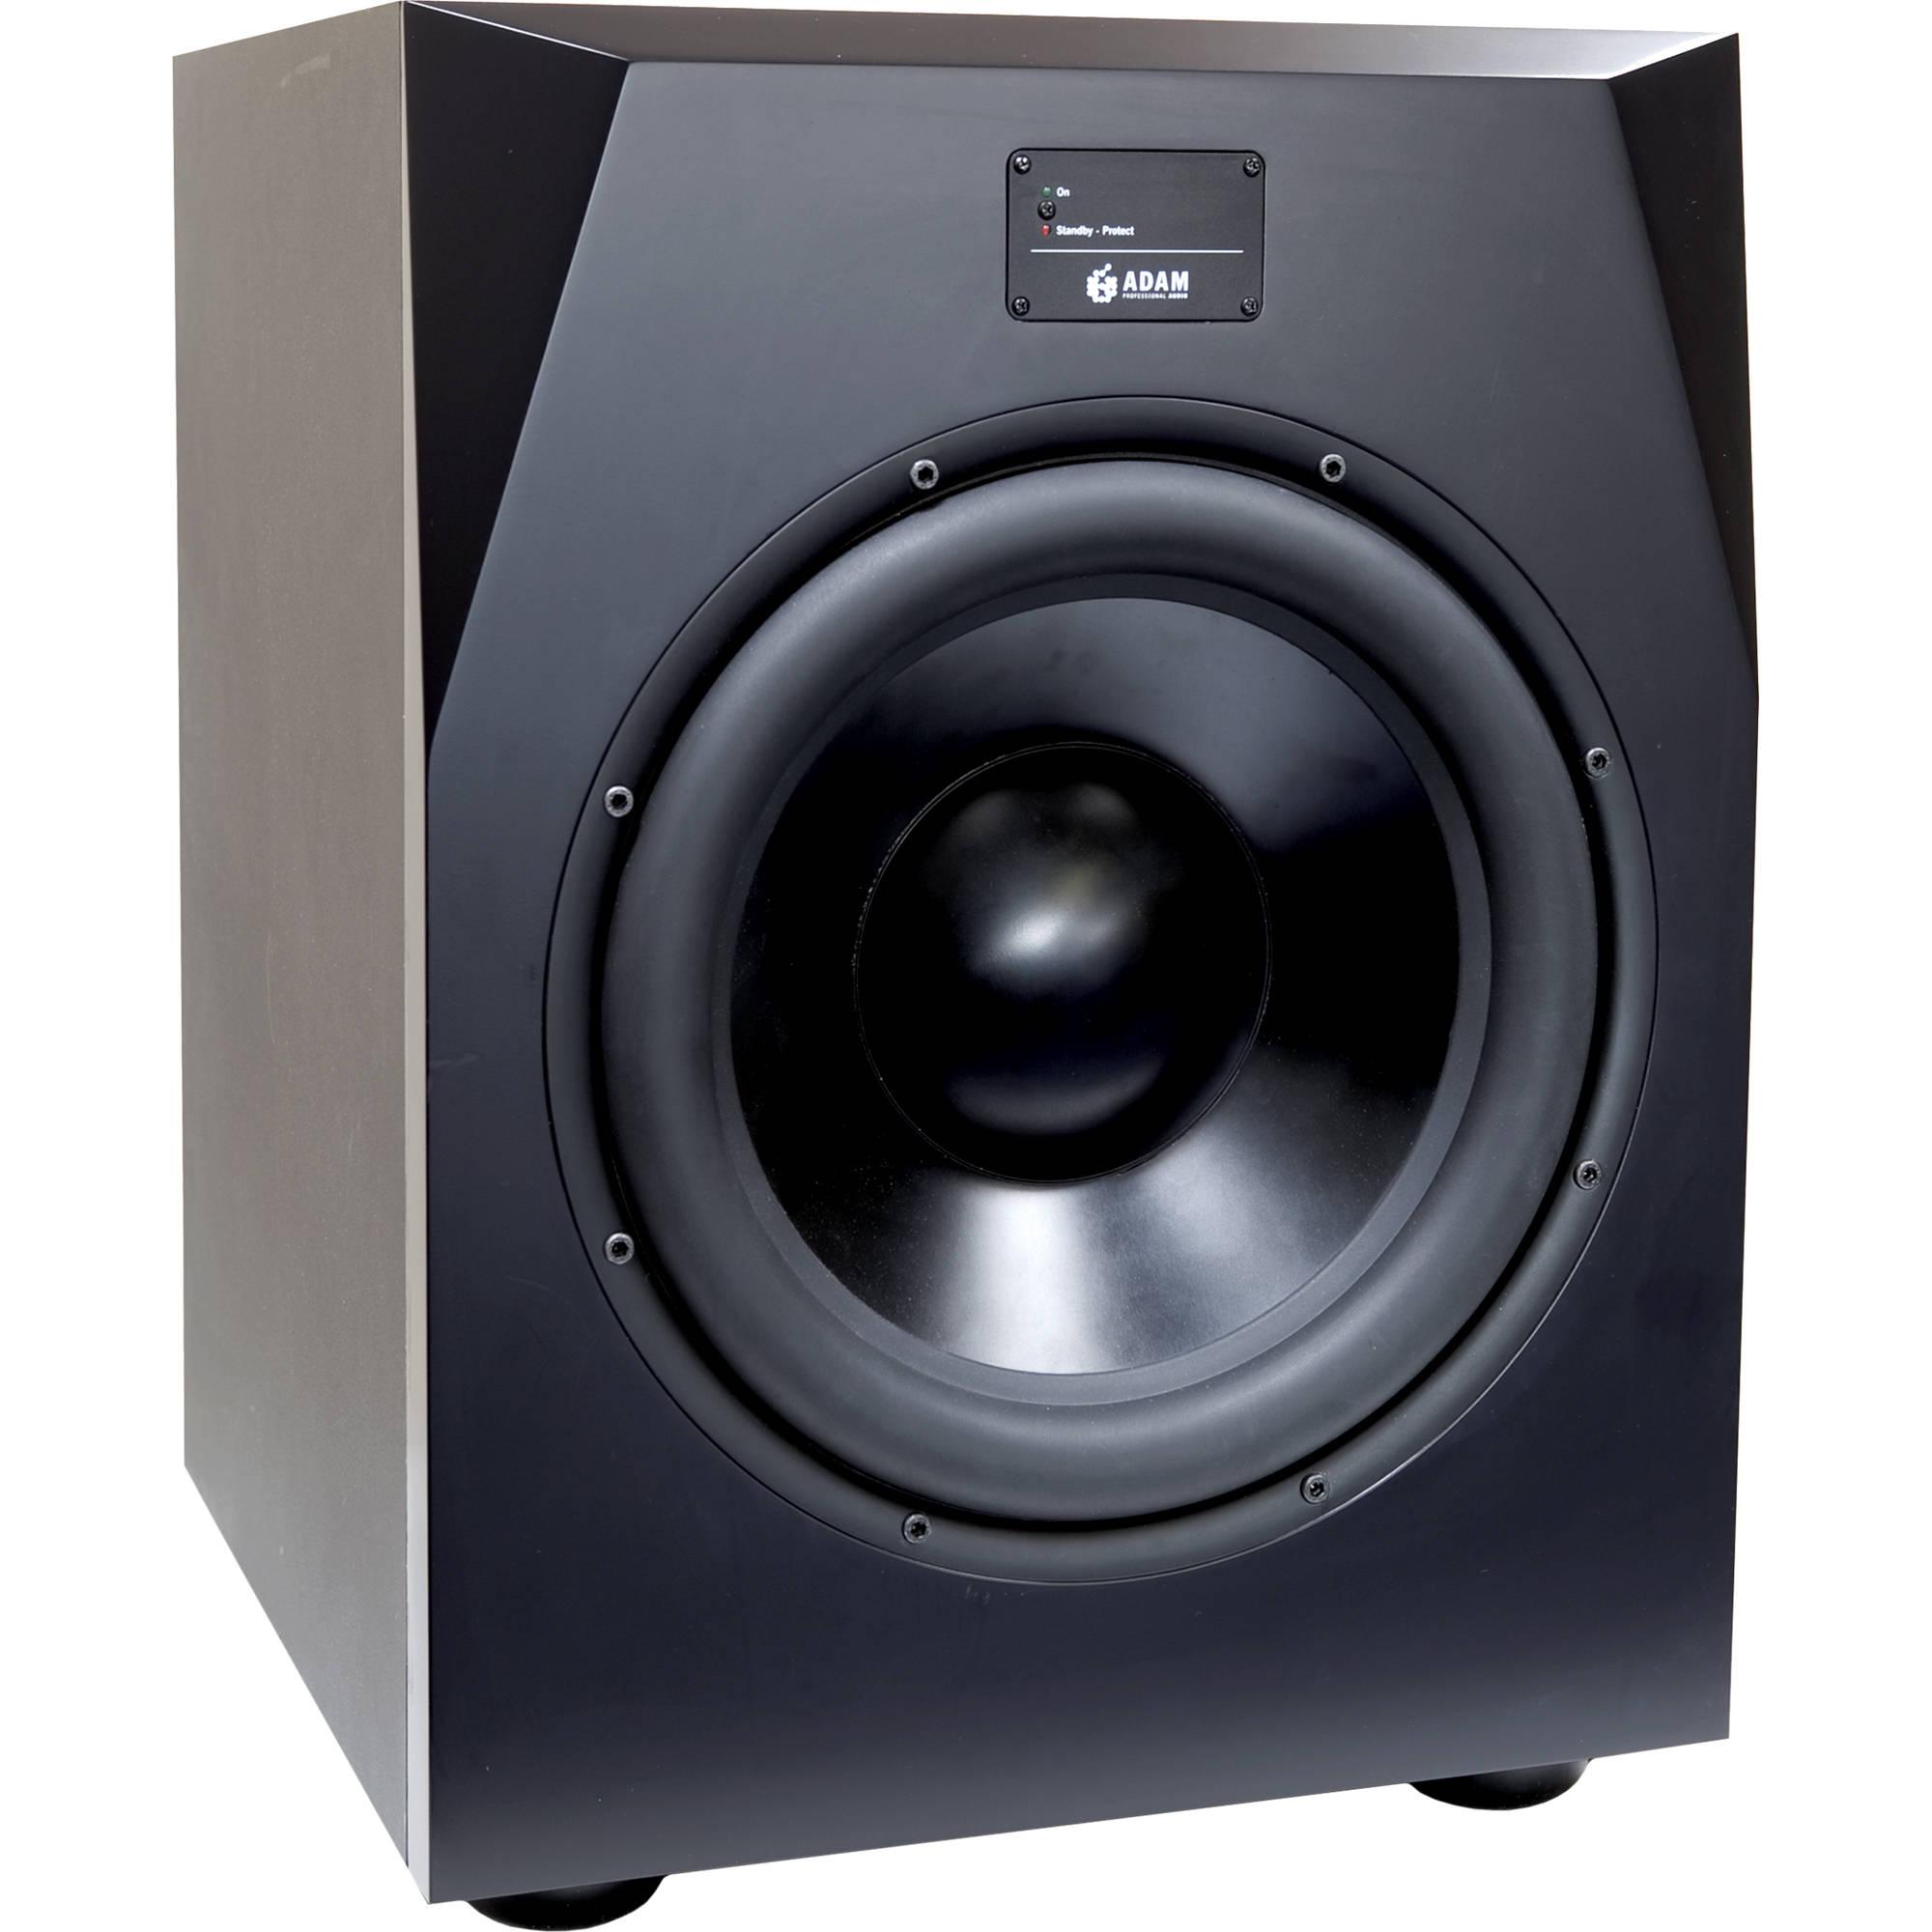 adam professional audio sub15 15 1000w subwoofer sub 15. Black Bedroom Furniture Sets. Home Design Ideas